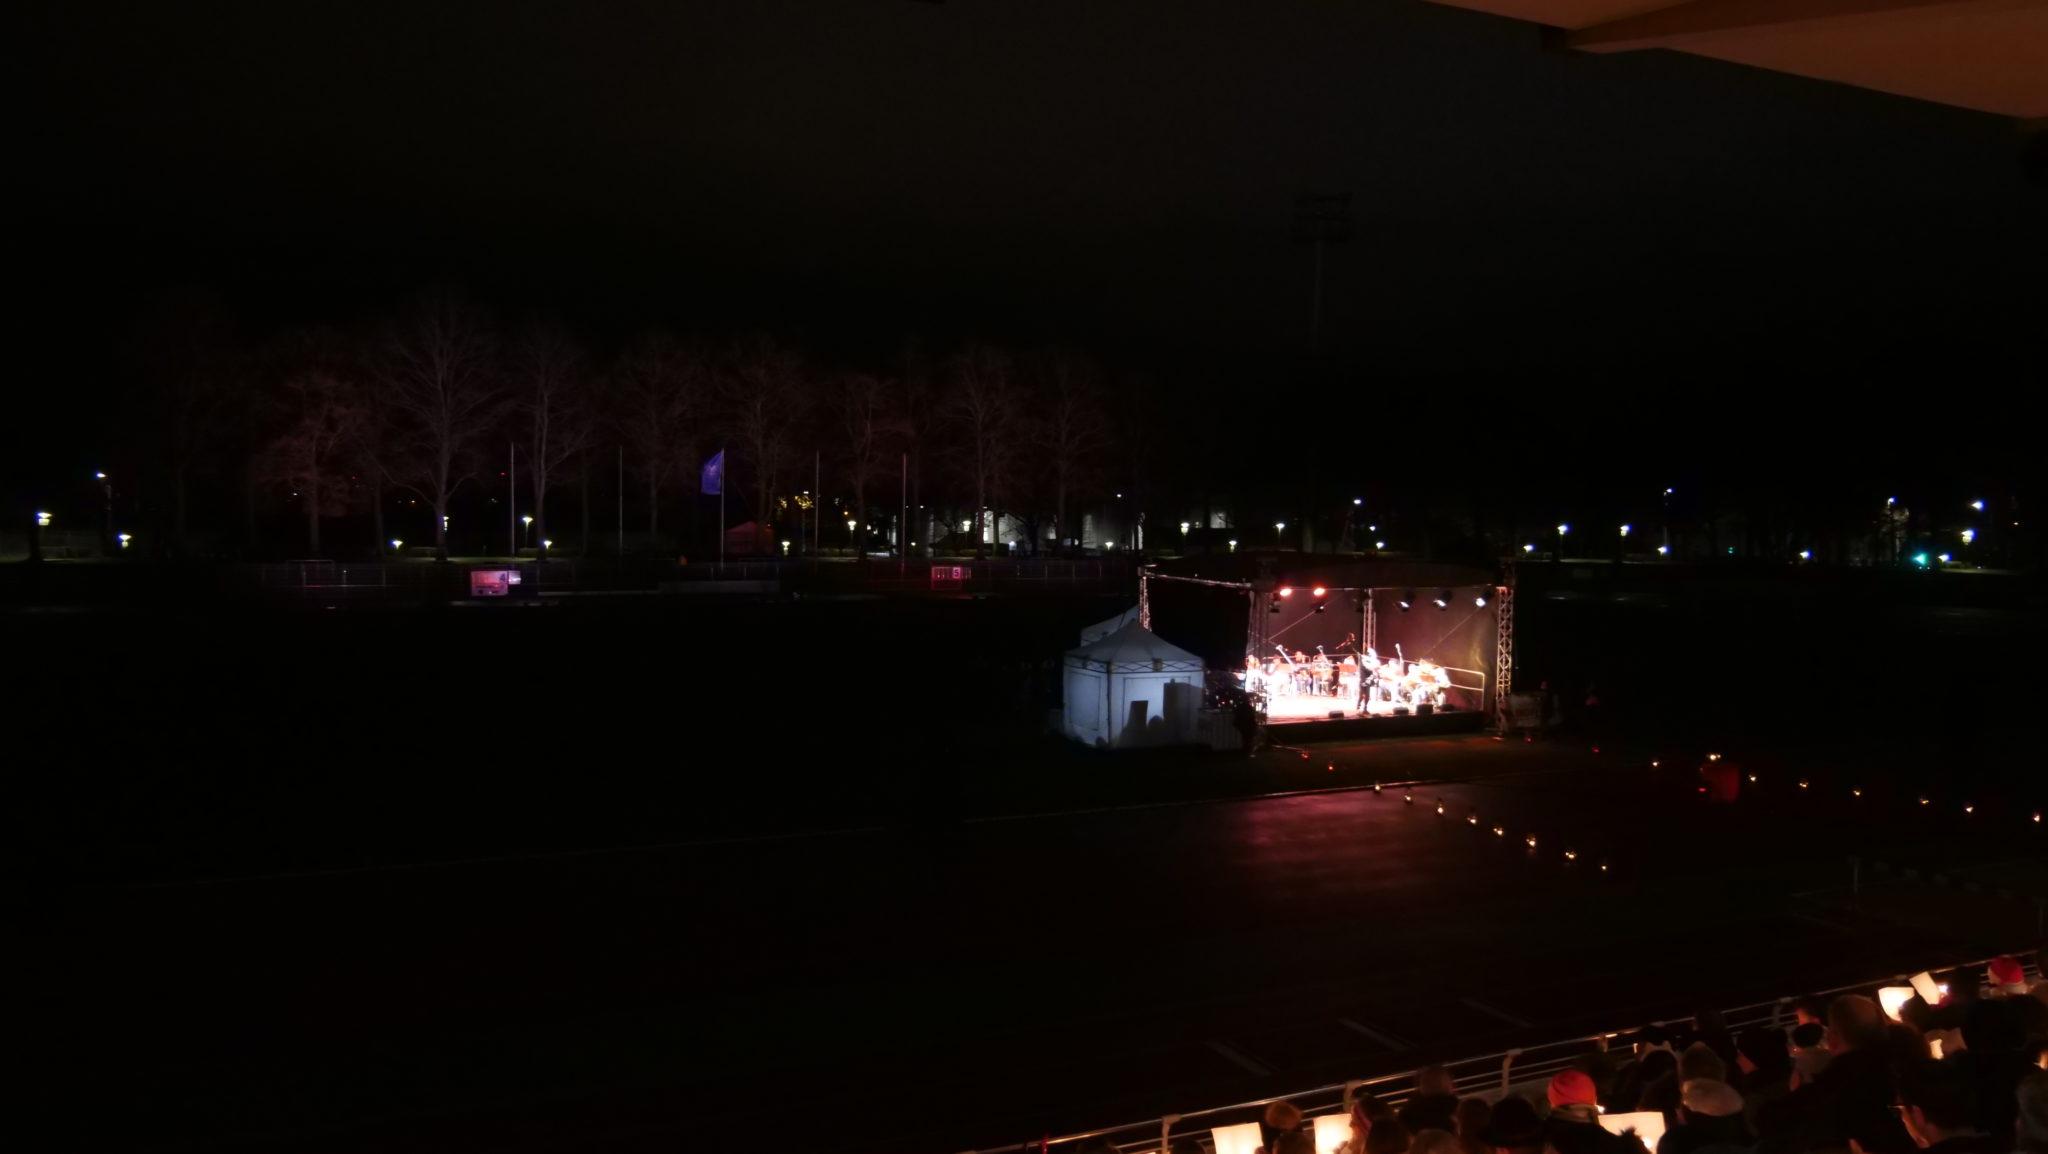 Schweinfurt Willy Sachs Stadion